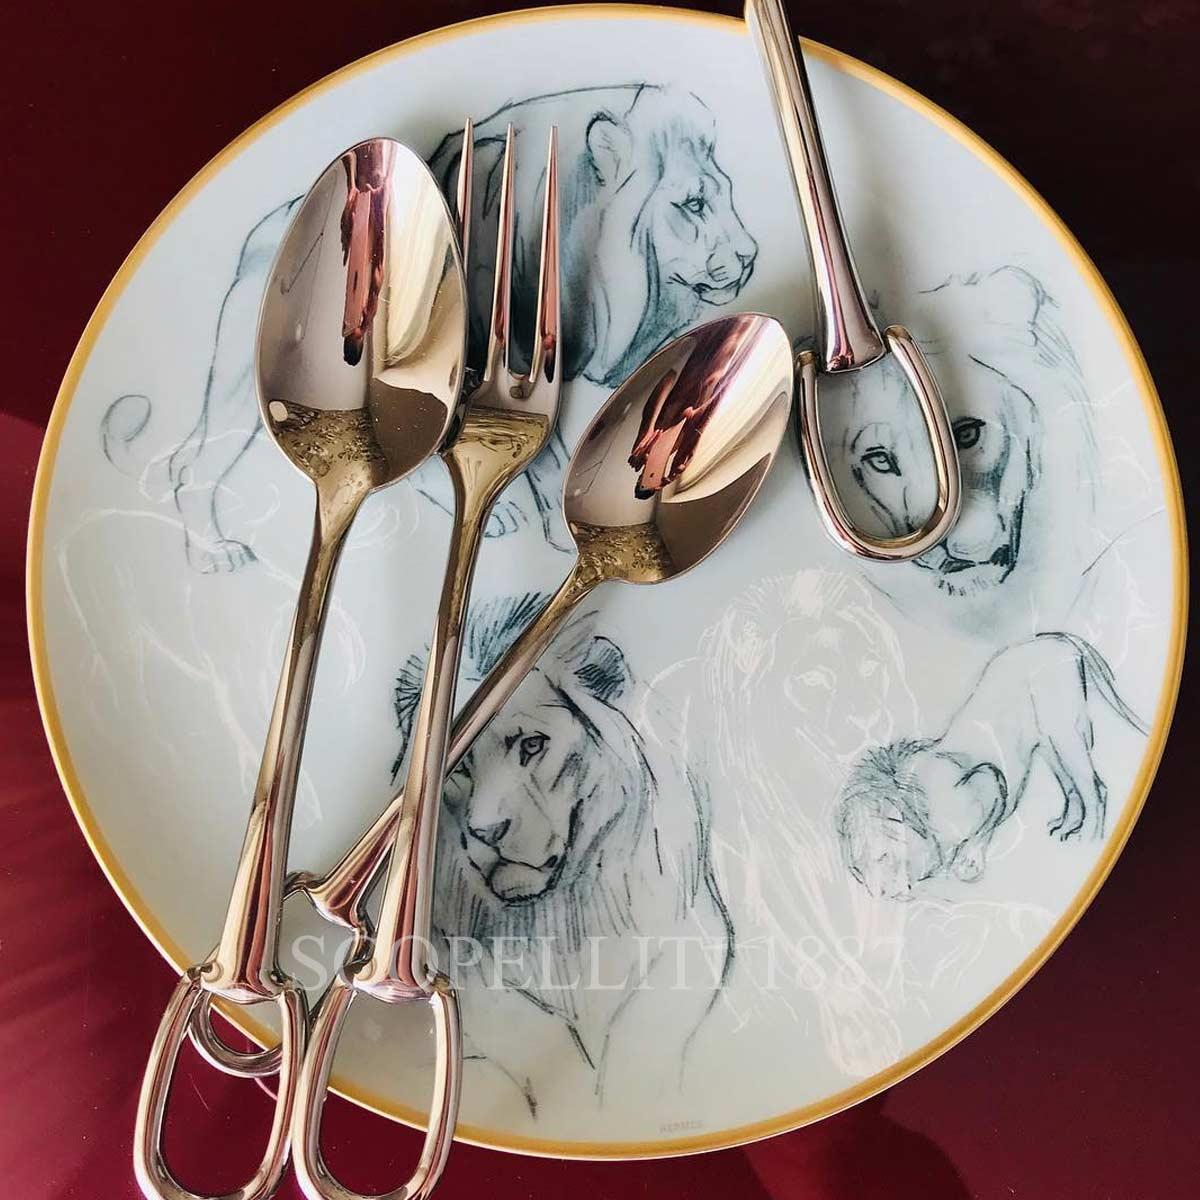 hermes attelage cutlery